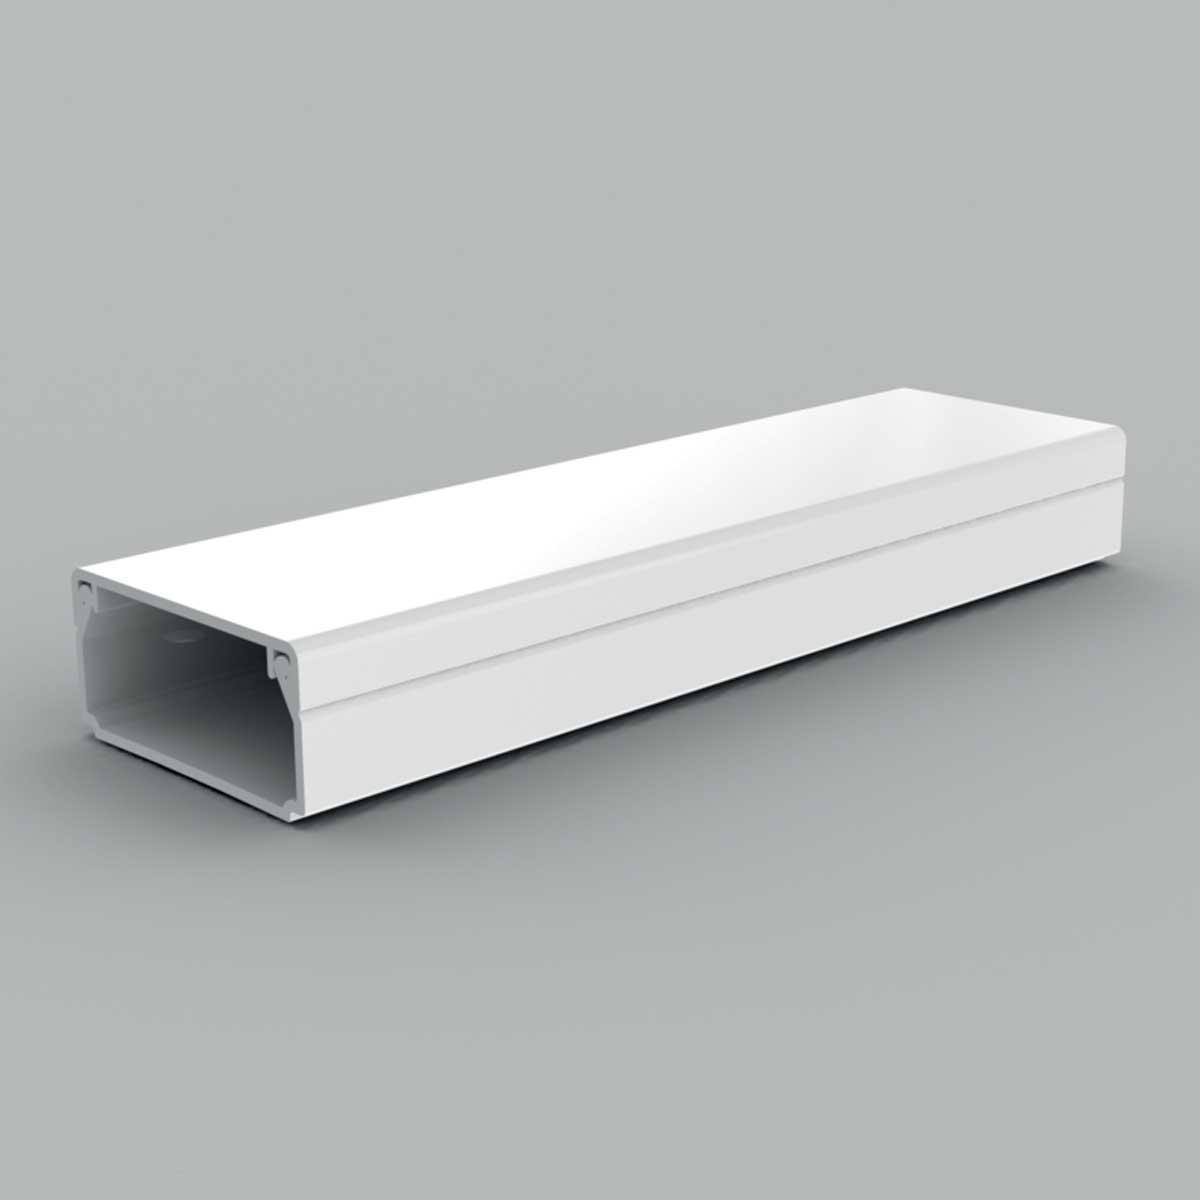 Кабельний канал з ПВХ білого кольору 32х15мм; Серія LH; ПВХ